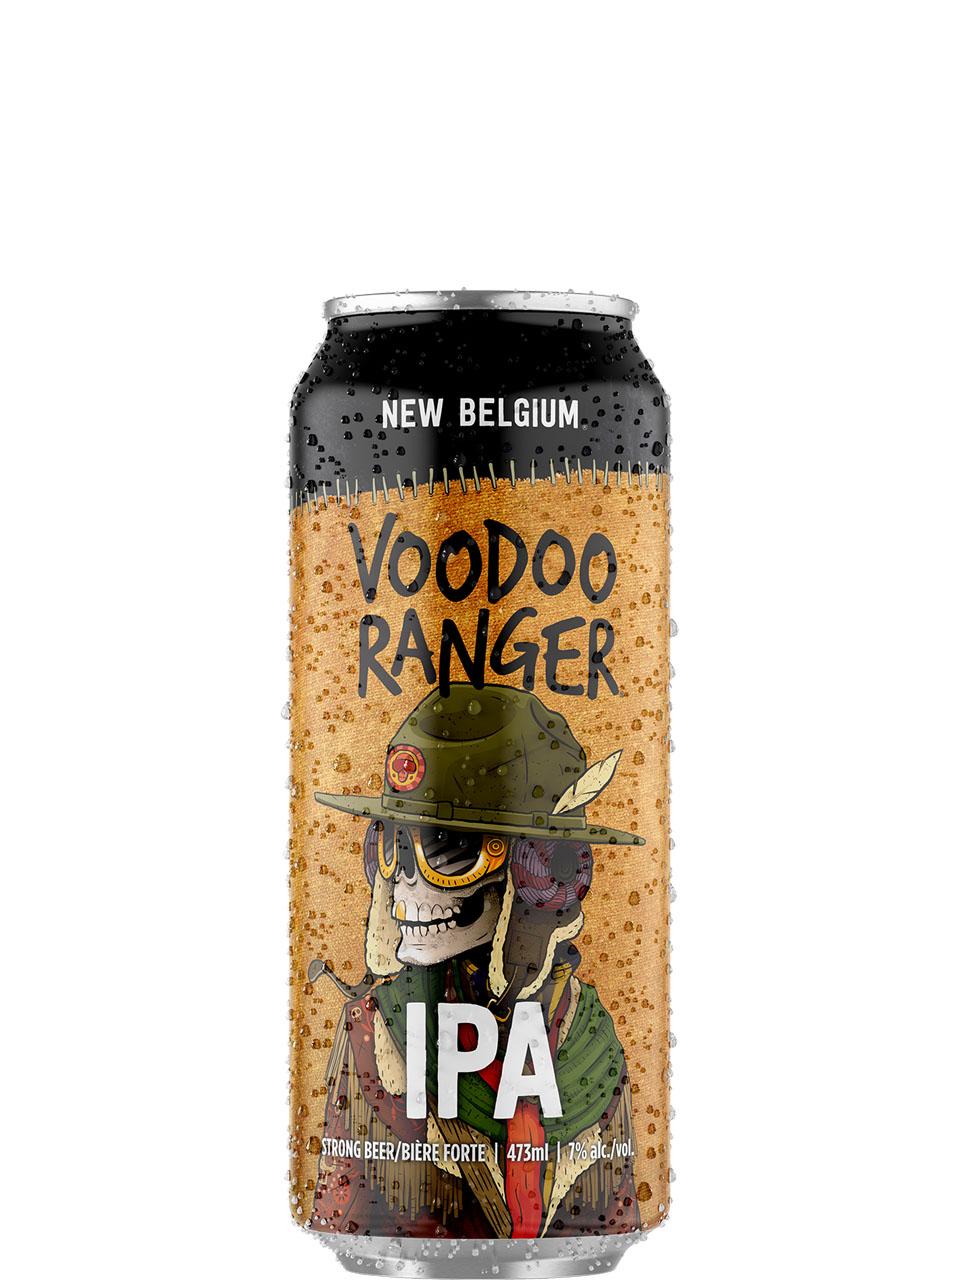 New Belgium Voodoo Ranger IPA 473ml Can